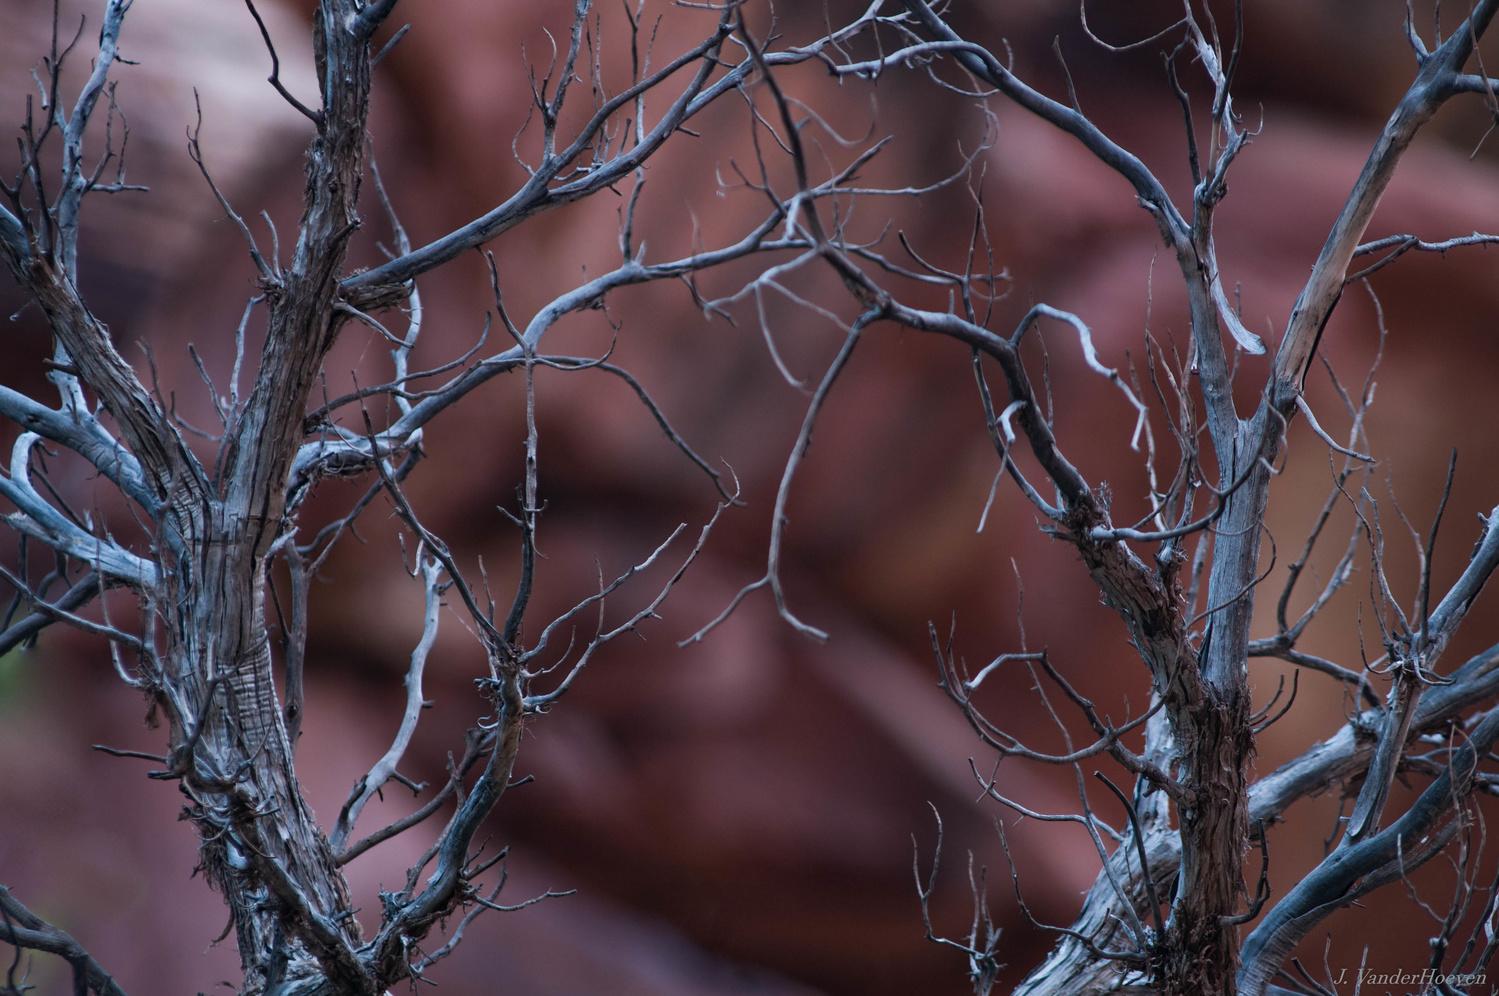 Veins by Jake VanderHoeven